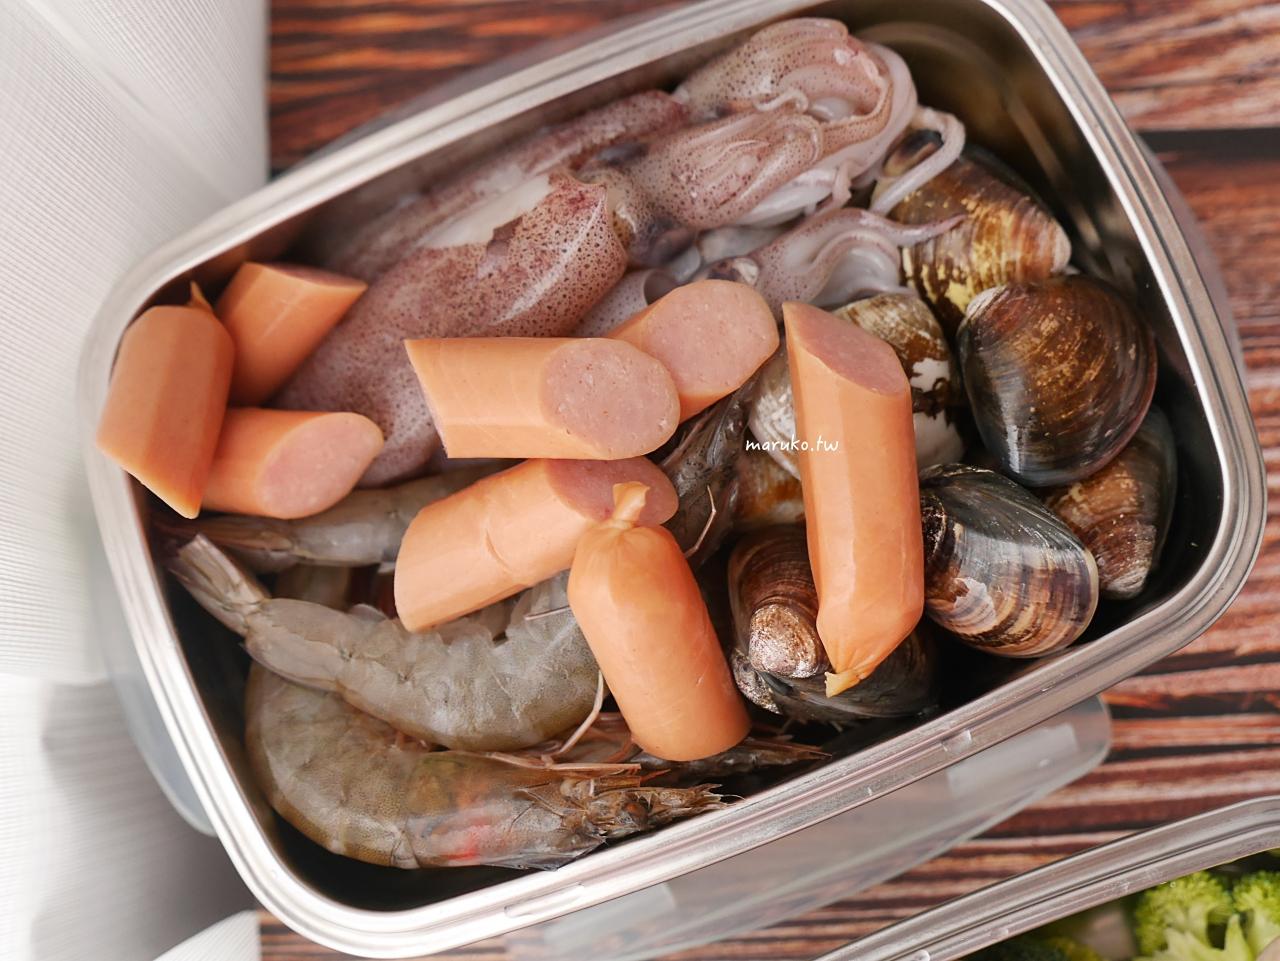 【食譜】手抓海鮮 美國南方港口特色料理 用蒸的醬料拌一拌入味 美膳雅蒸鮮鍋6L推薦 @Maruko與美食有個約會